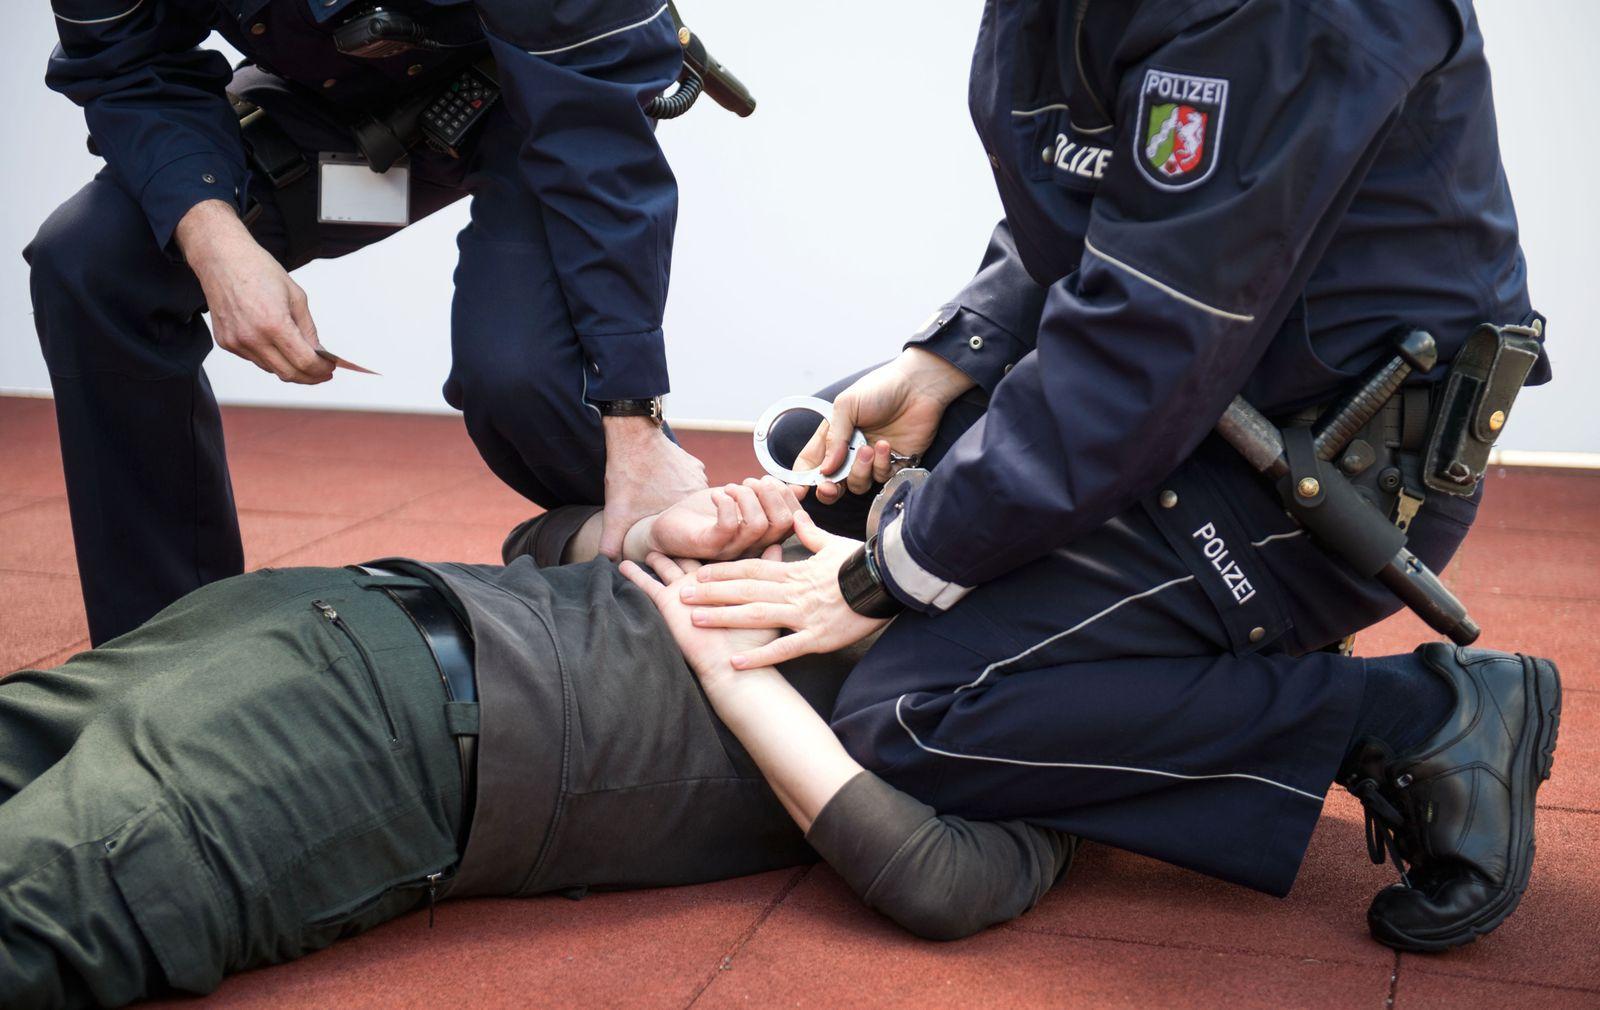 Wann darf die Polizei Gewalt anwenden? So ist die Rechtslage